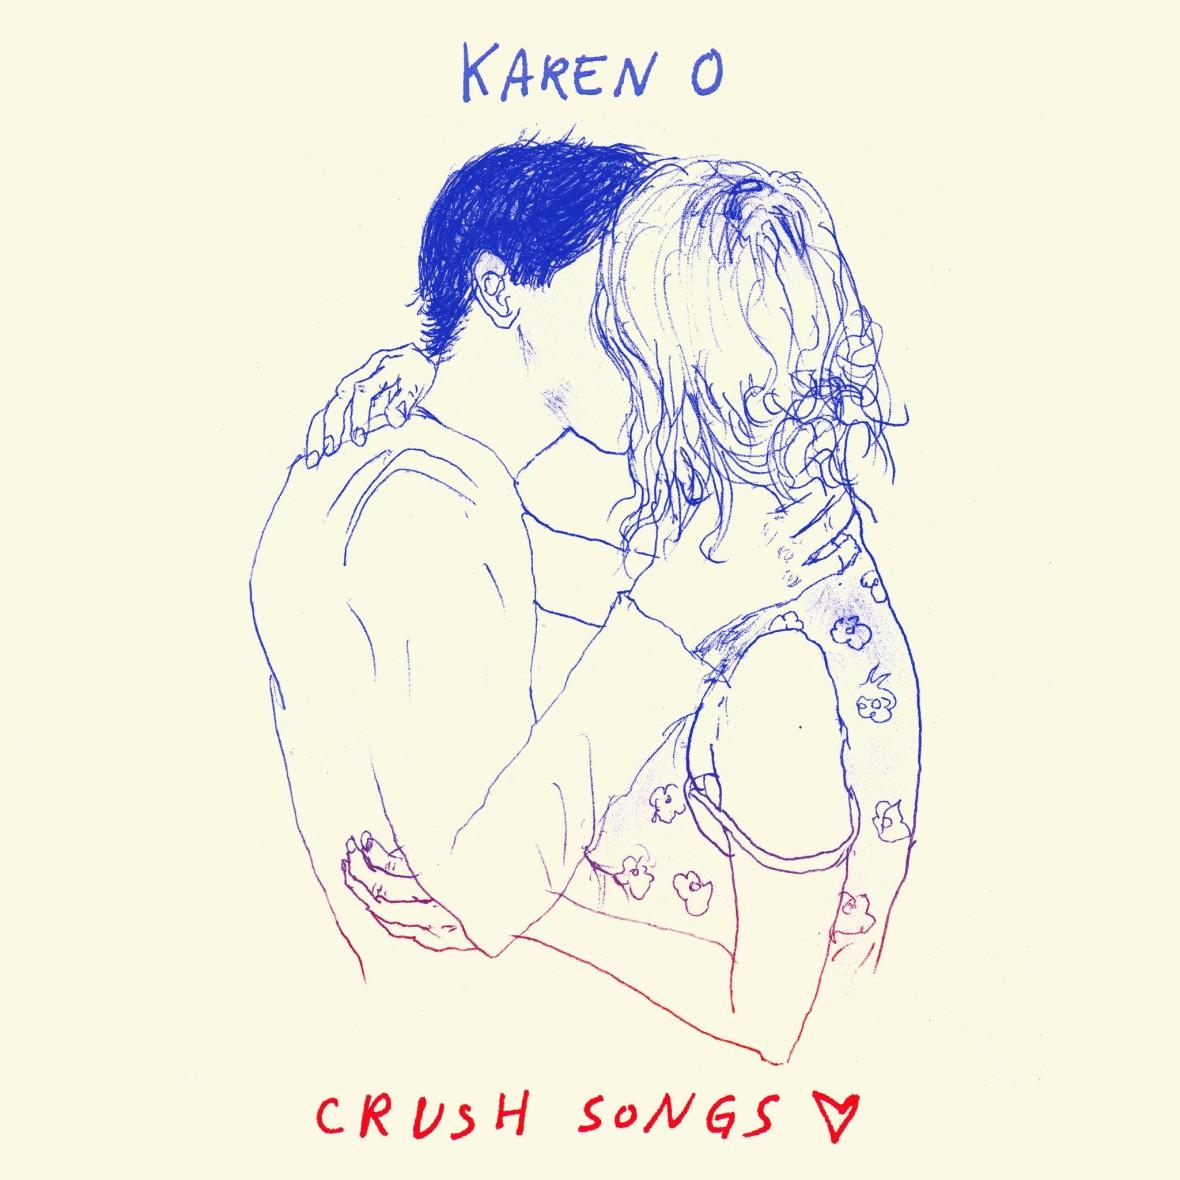 kareno